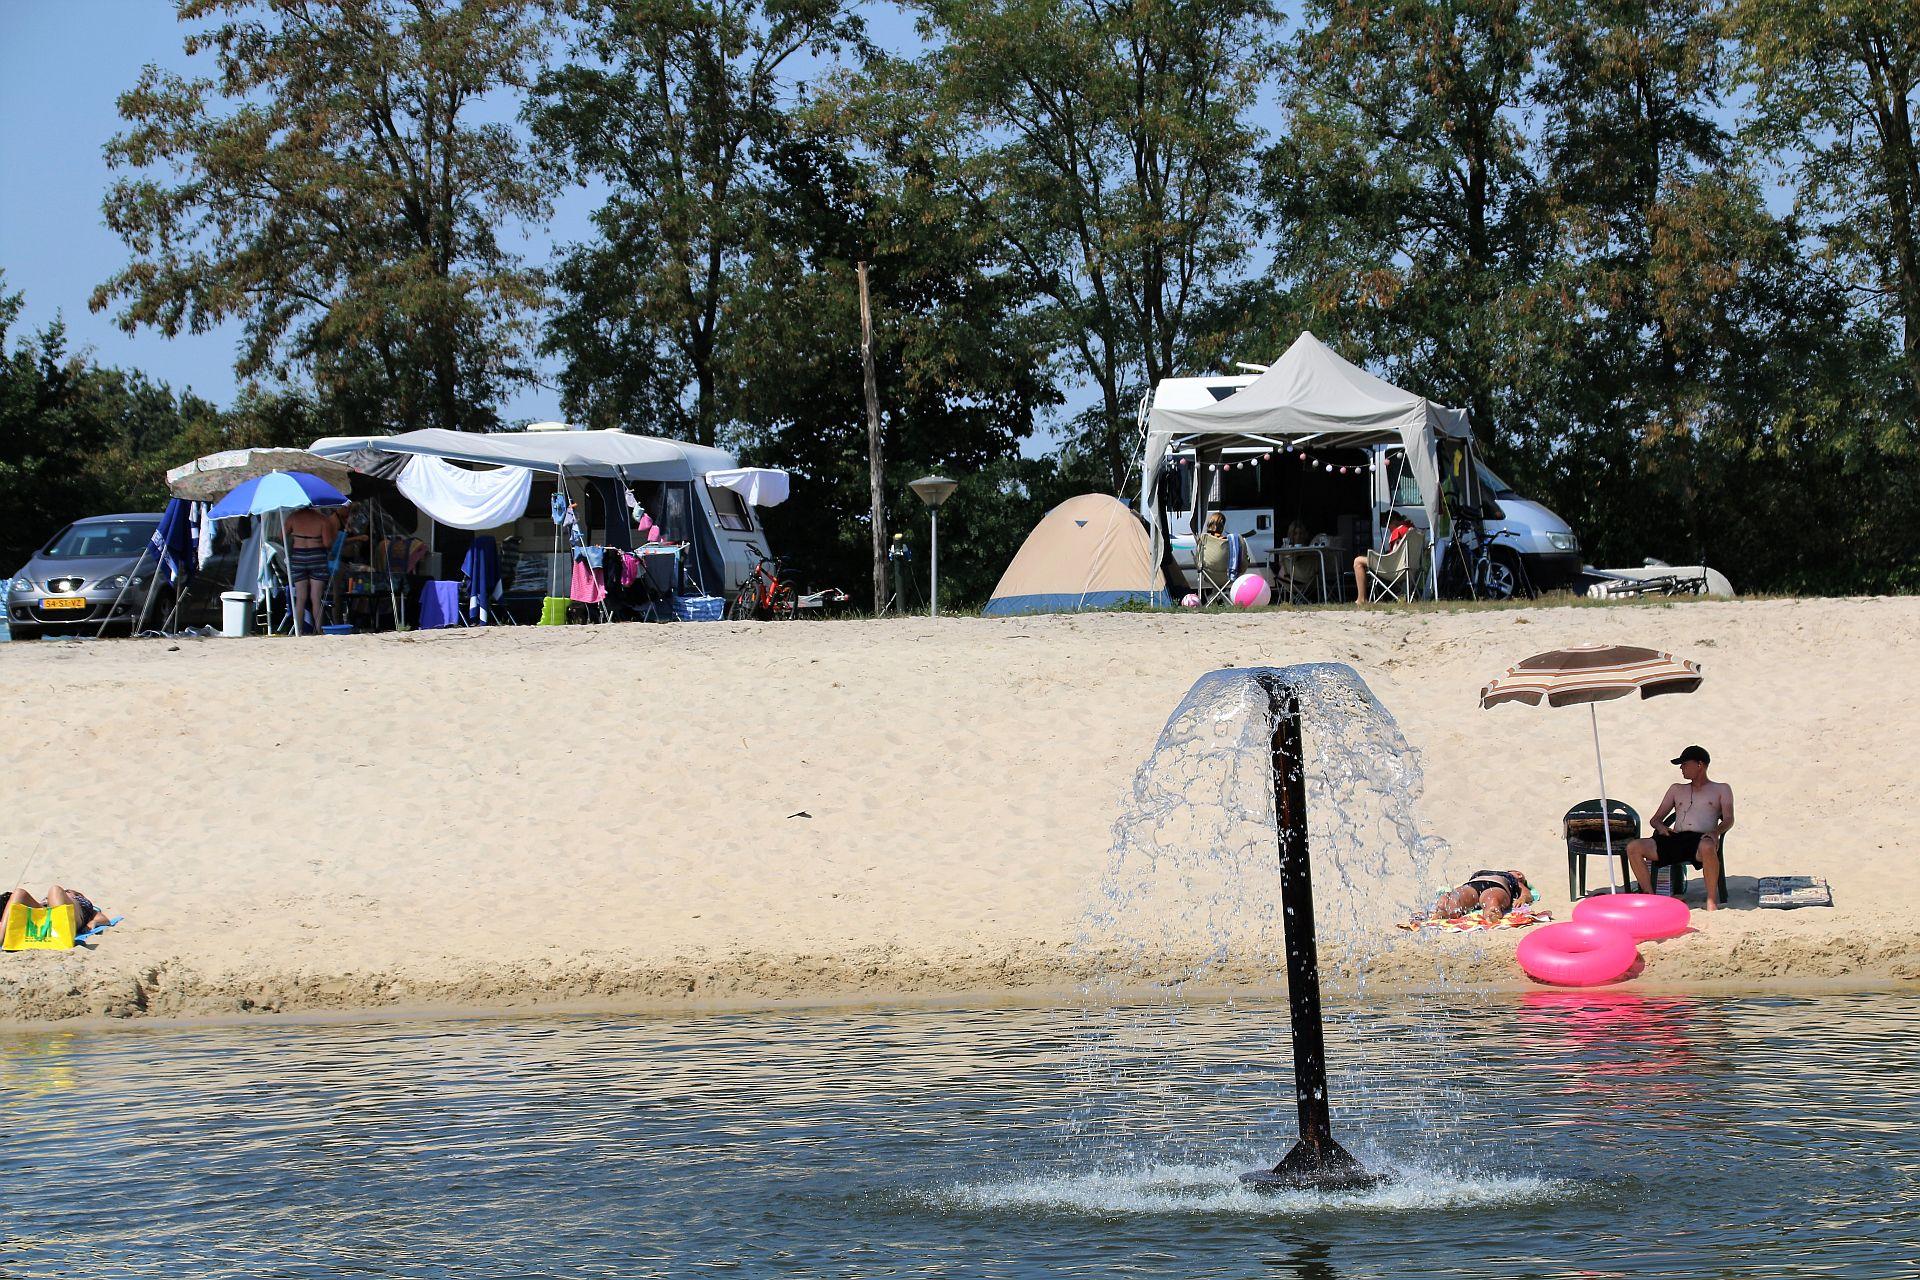 Vakantie op 5 sterren camping in juni - Vakantie op 5 sterren camping in juni